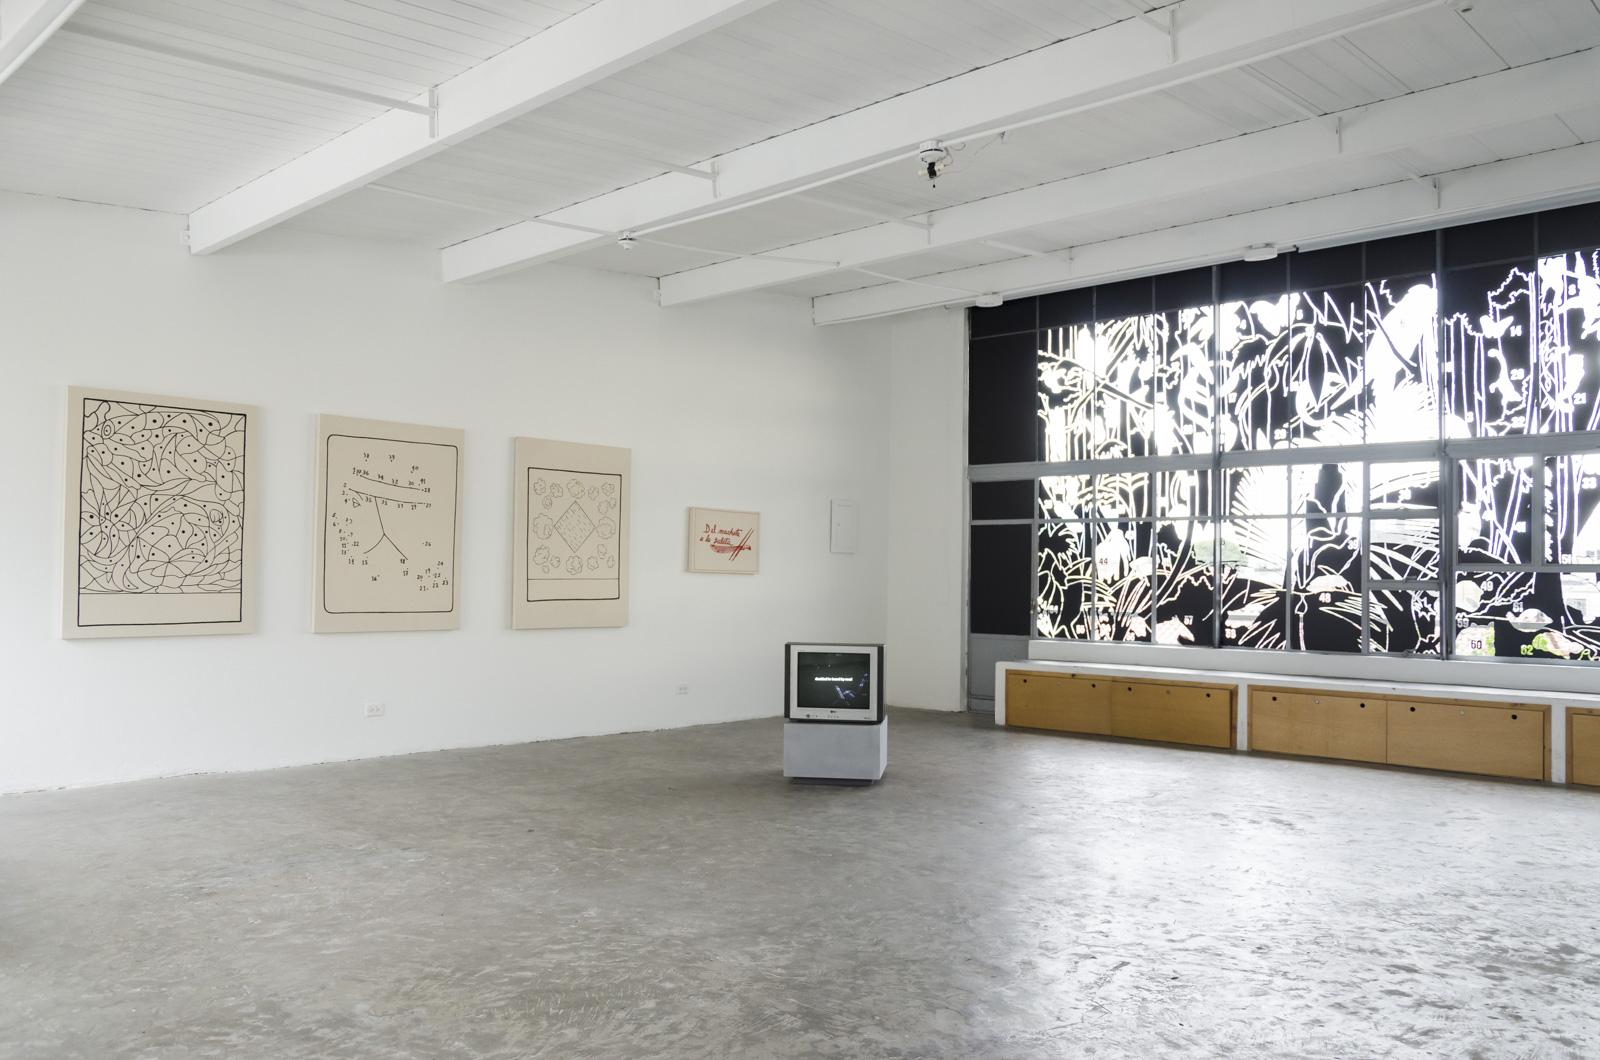 Installation view: Segunda naturaleza. Gráficas y abstracciones de lugar,FLORA ars + natura, Bogotá, 2016 |  | ProjecteSD